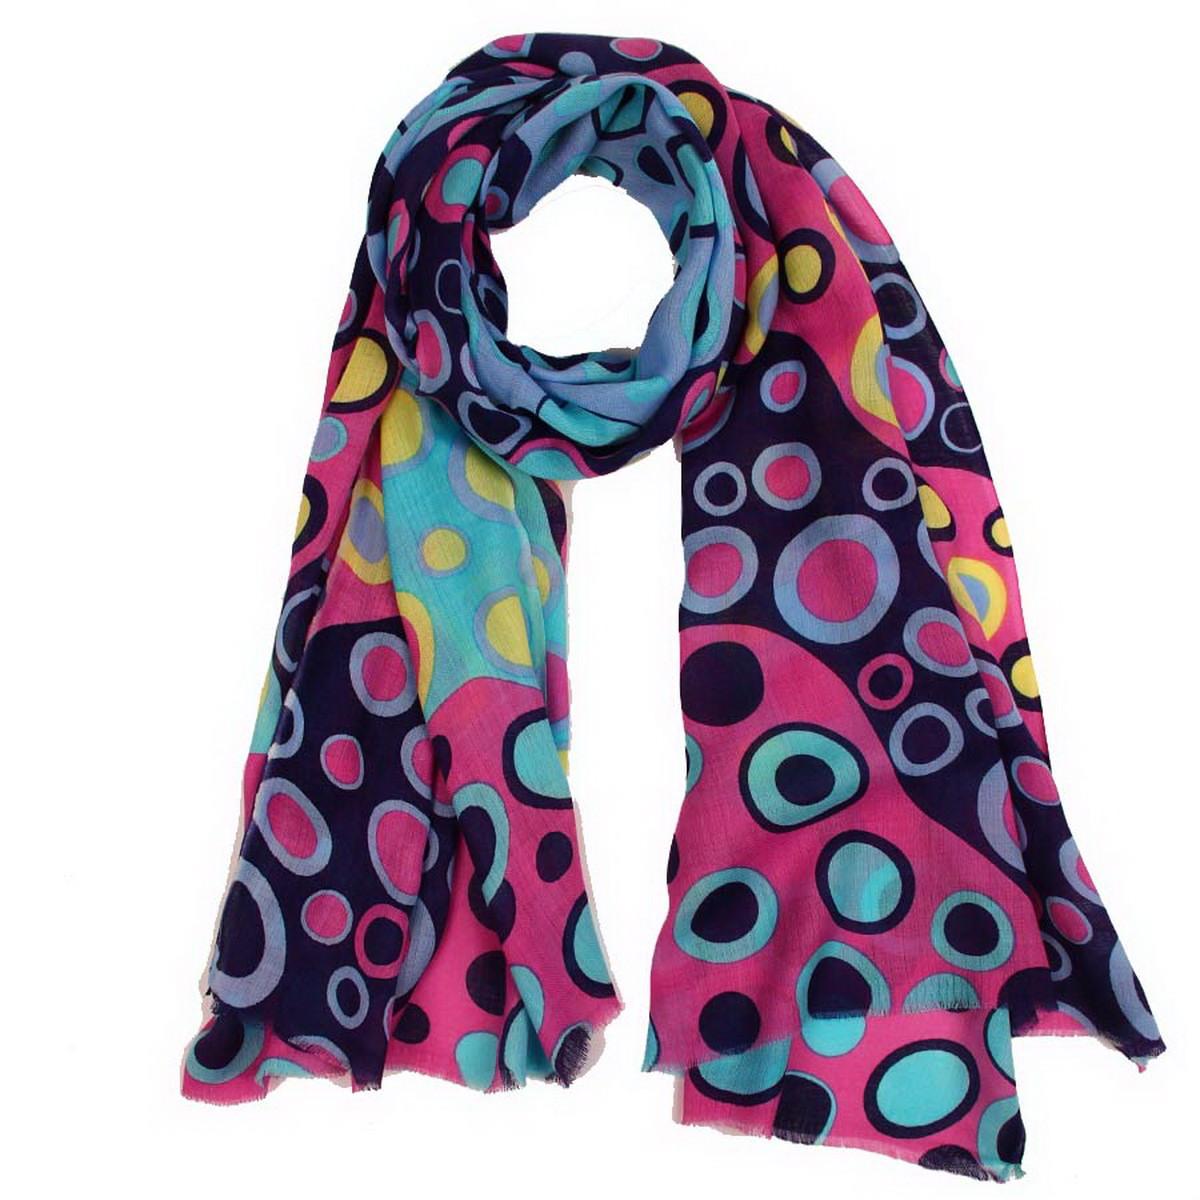 Палантин Venera, цвет: синий, голубой, розовый. 6300658-12. Размер 70 см х 180 см6300658-12Палантин Venera выполнен из 100% модала. Материал мягкий, уютный и приятный на ощупь. Модель дополнена ярким красивым принтом. Отличный выбор для повседневного городского образа.